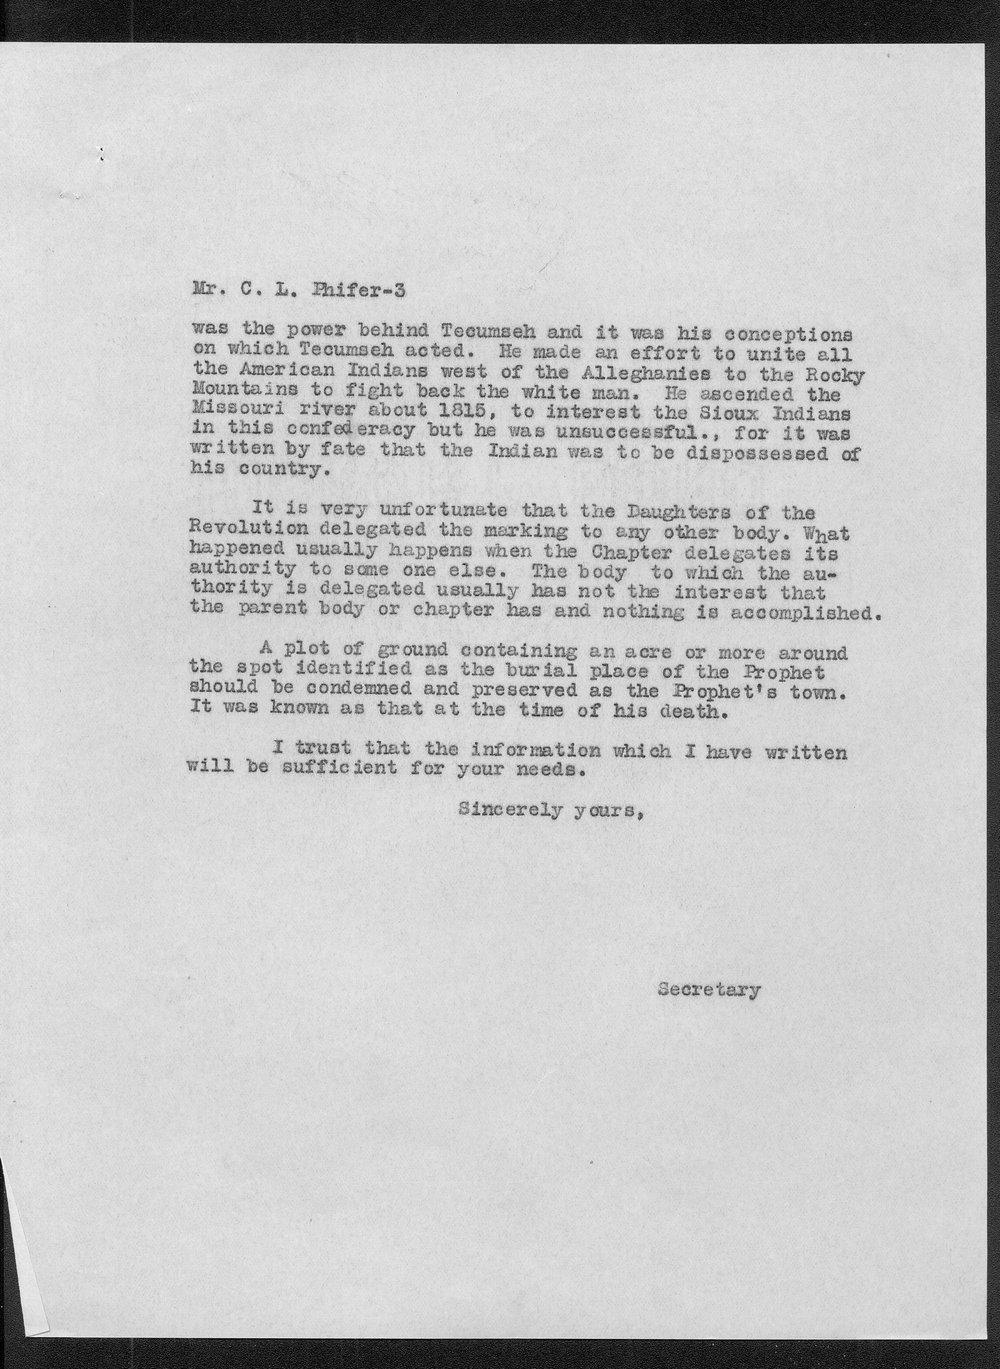 William E. Connelley to C.L. Phifer - 3